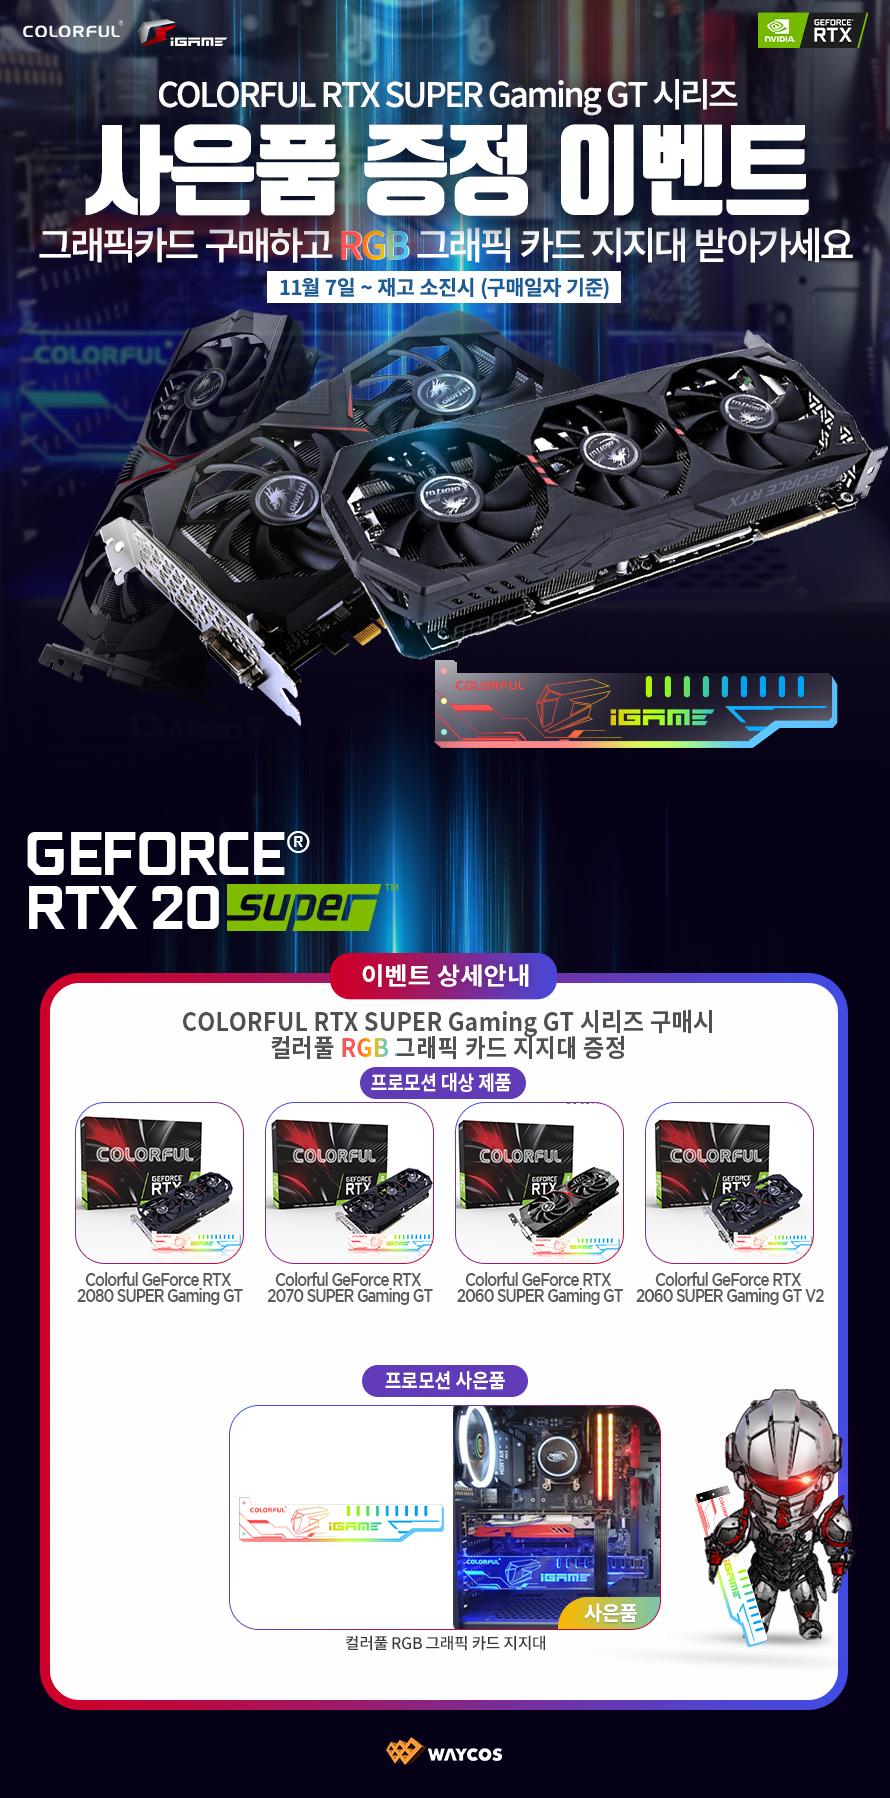 Gaming GT 그래픽카드 지지대(RGB) 증정 프로모션.jpg